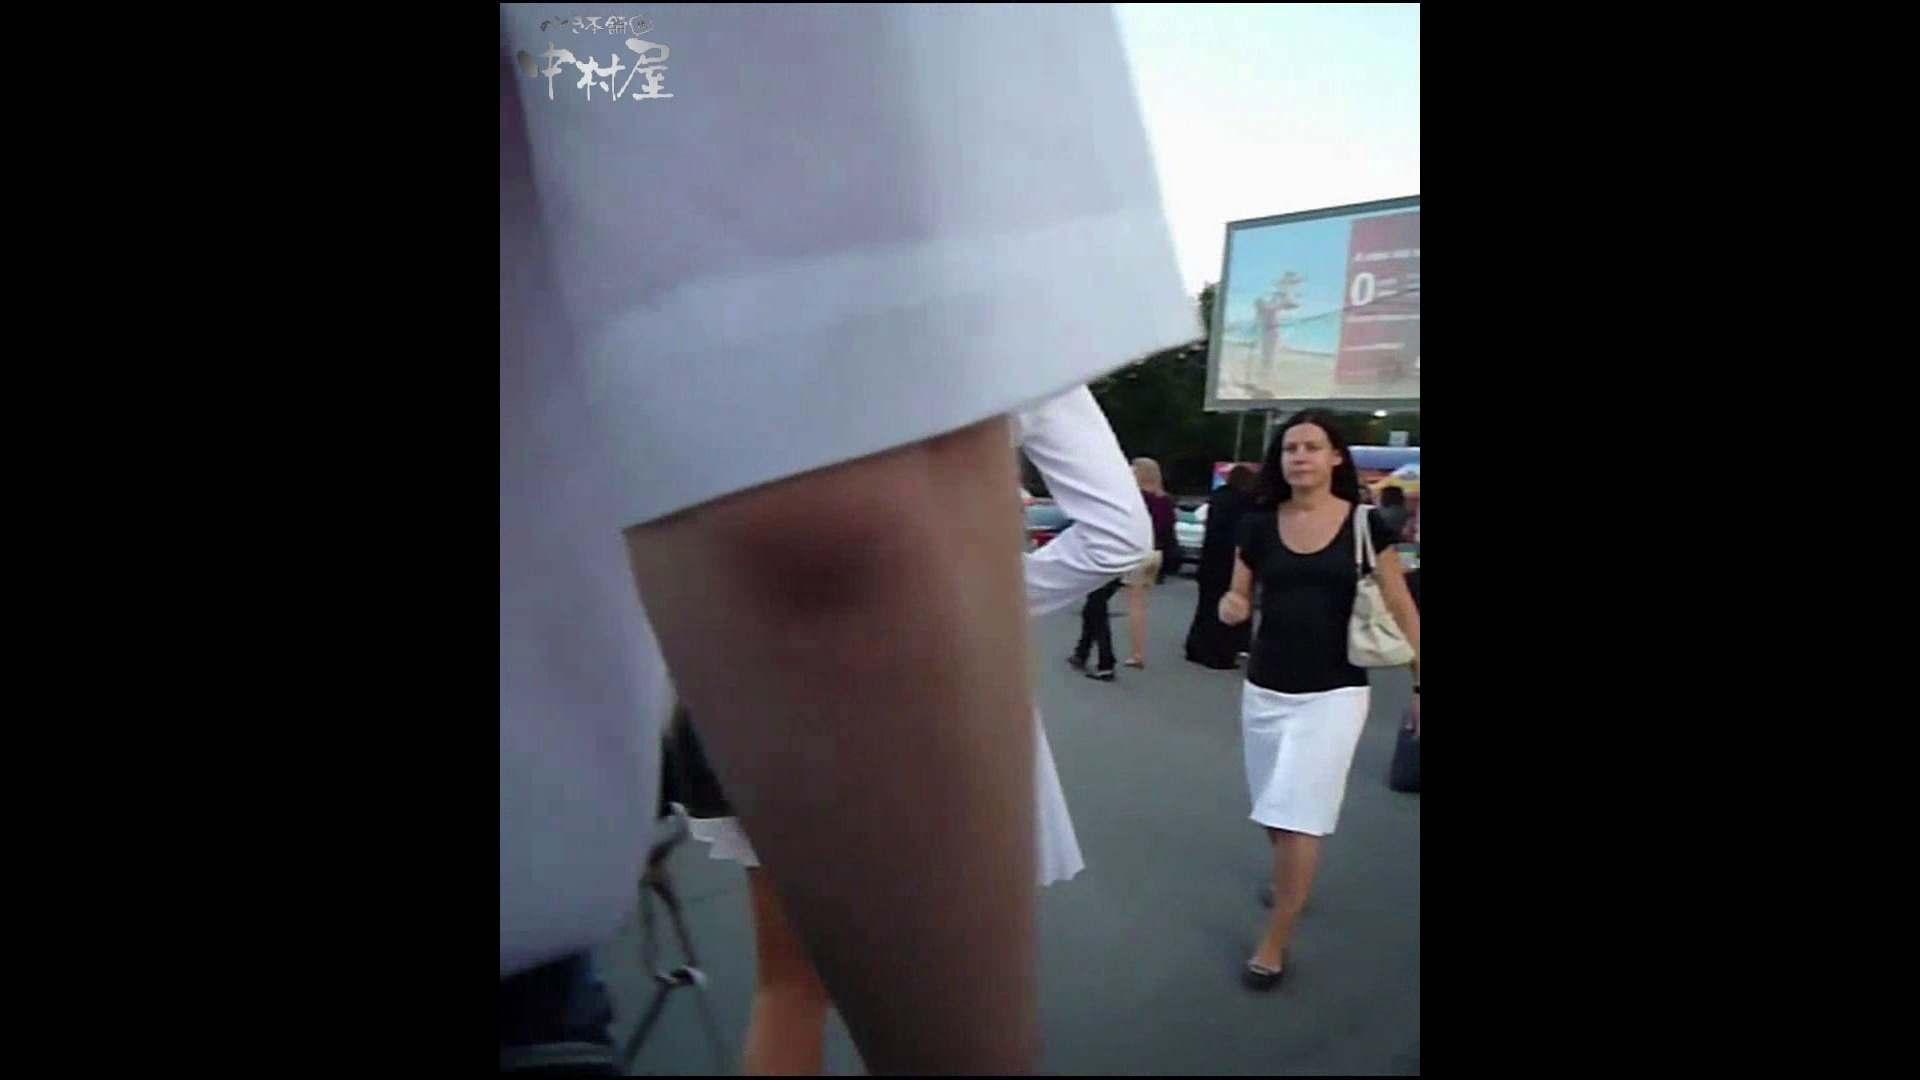 綺麗なモデルさんのスカート捲っちゃおう‼ vol26 モデル われめAV動画紹介 80pic 41